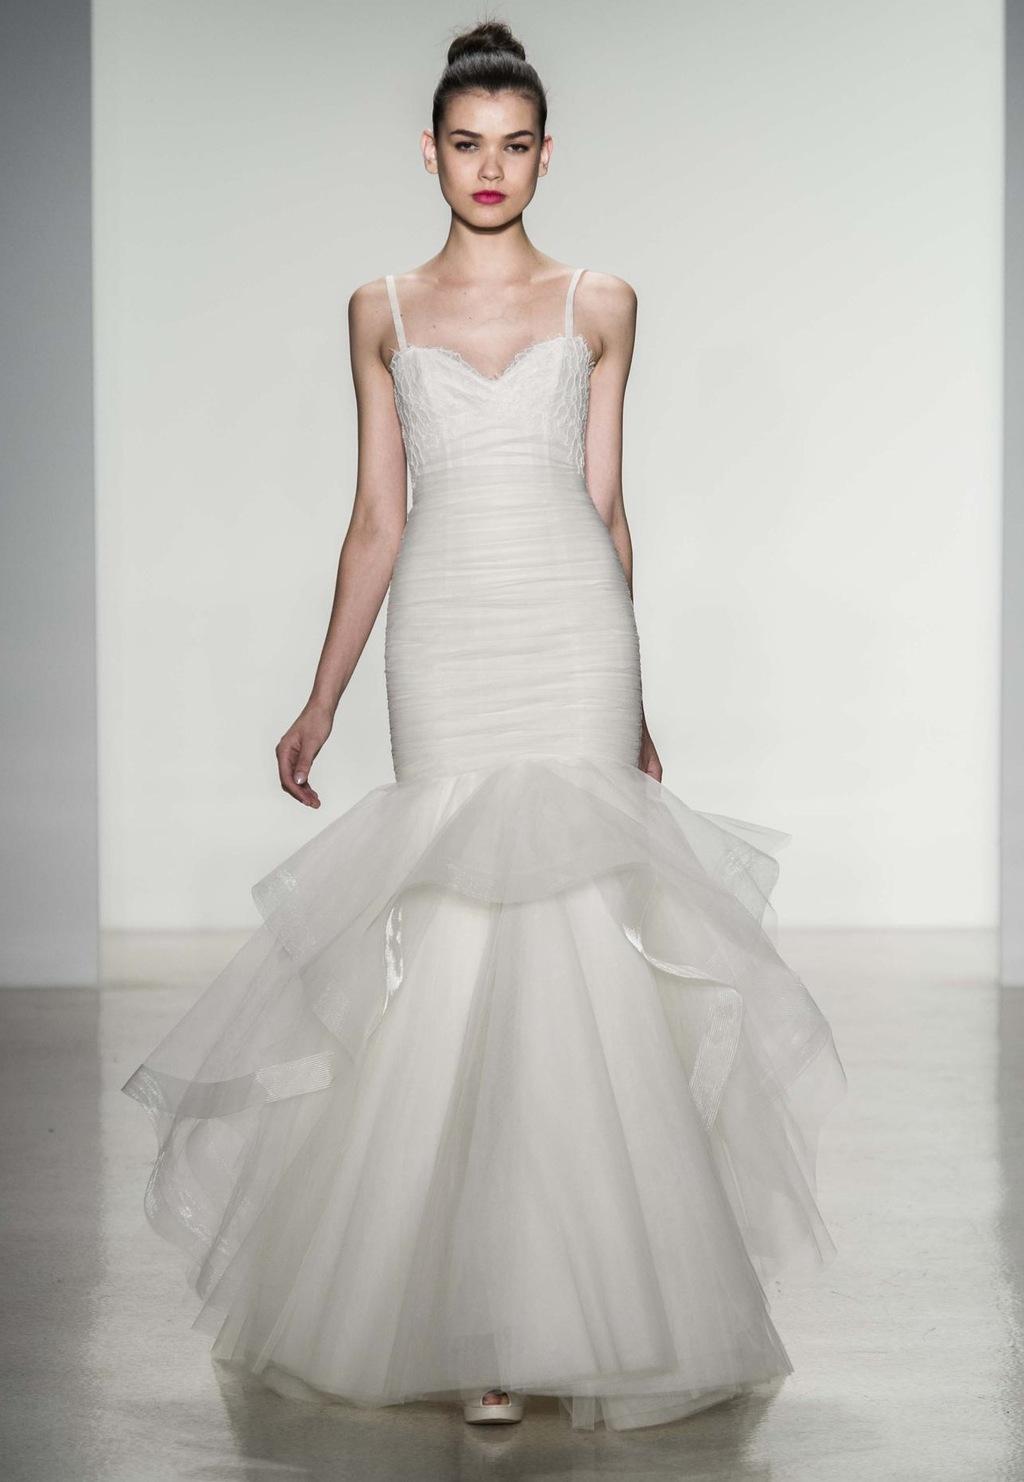 Sawyer-wedding-dress-by-amsale-fall-2014-bridal.full